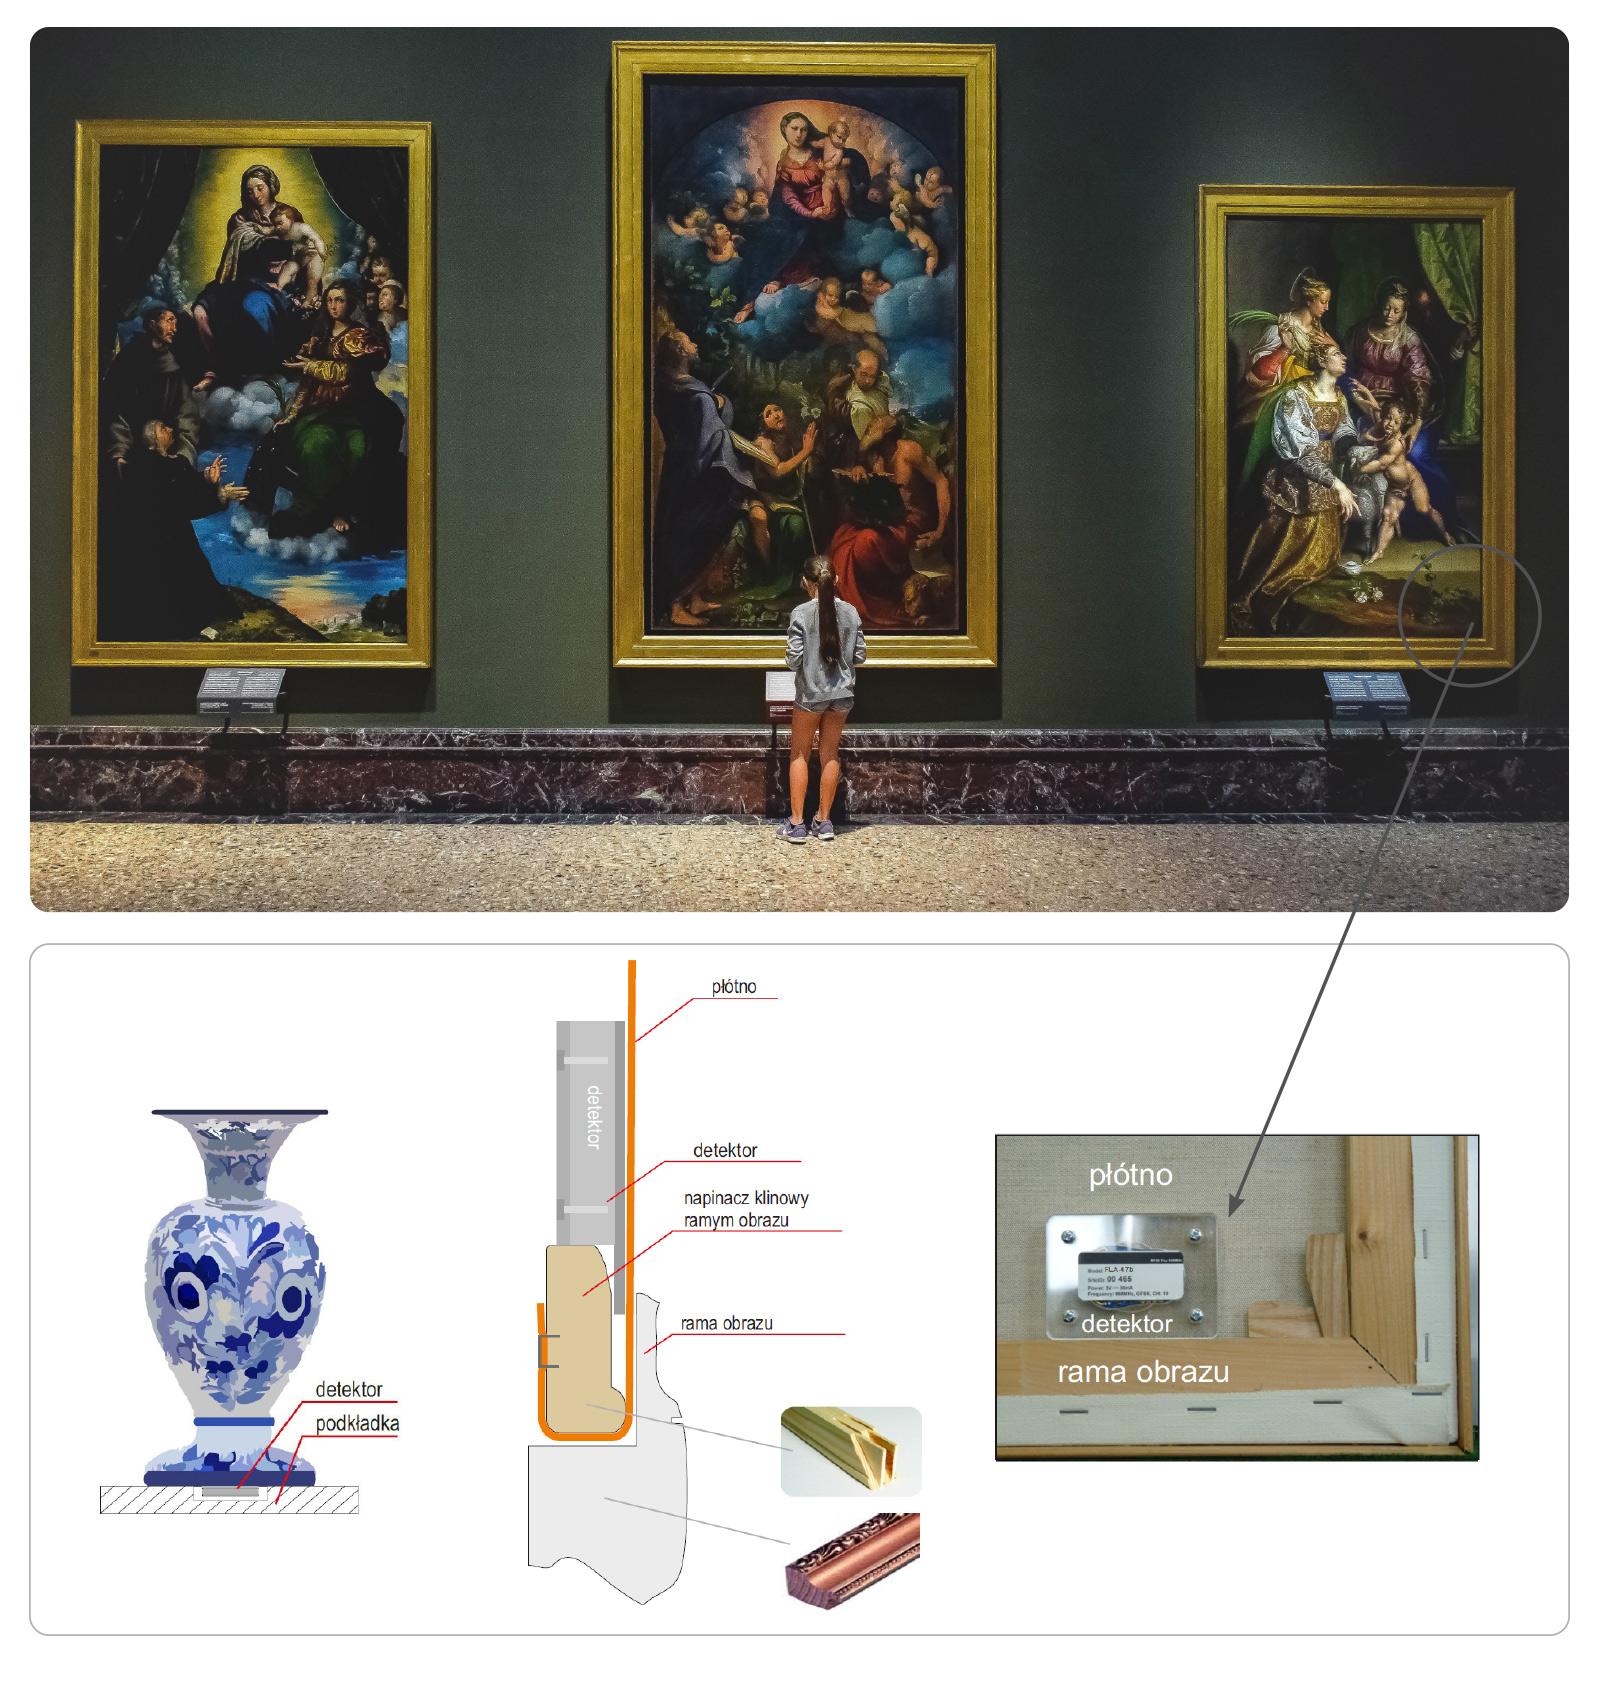 Umění zabezpečovat umělecká díla